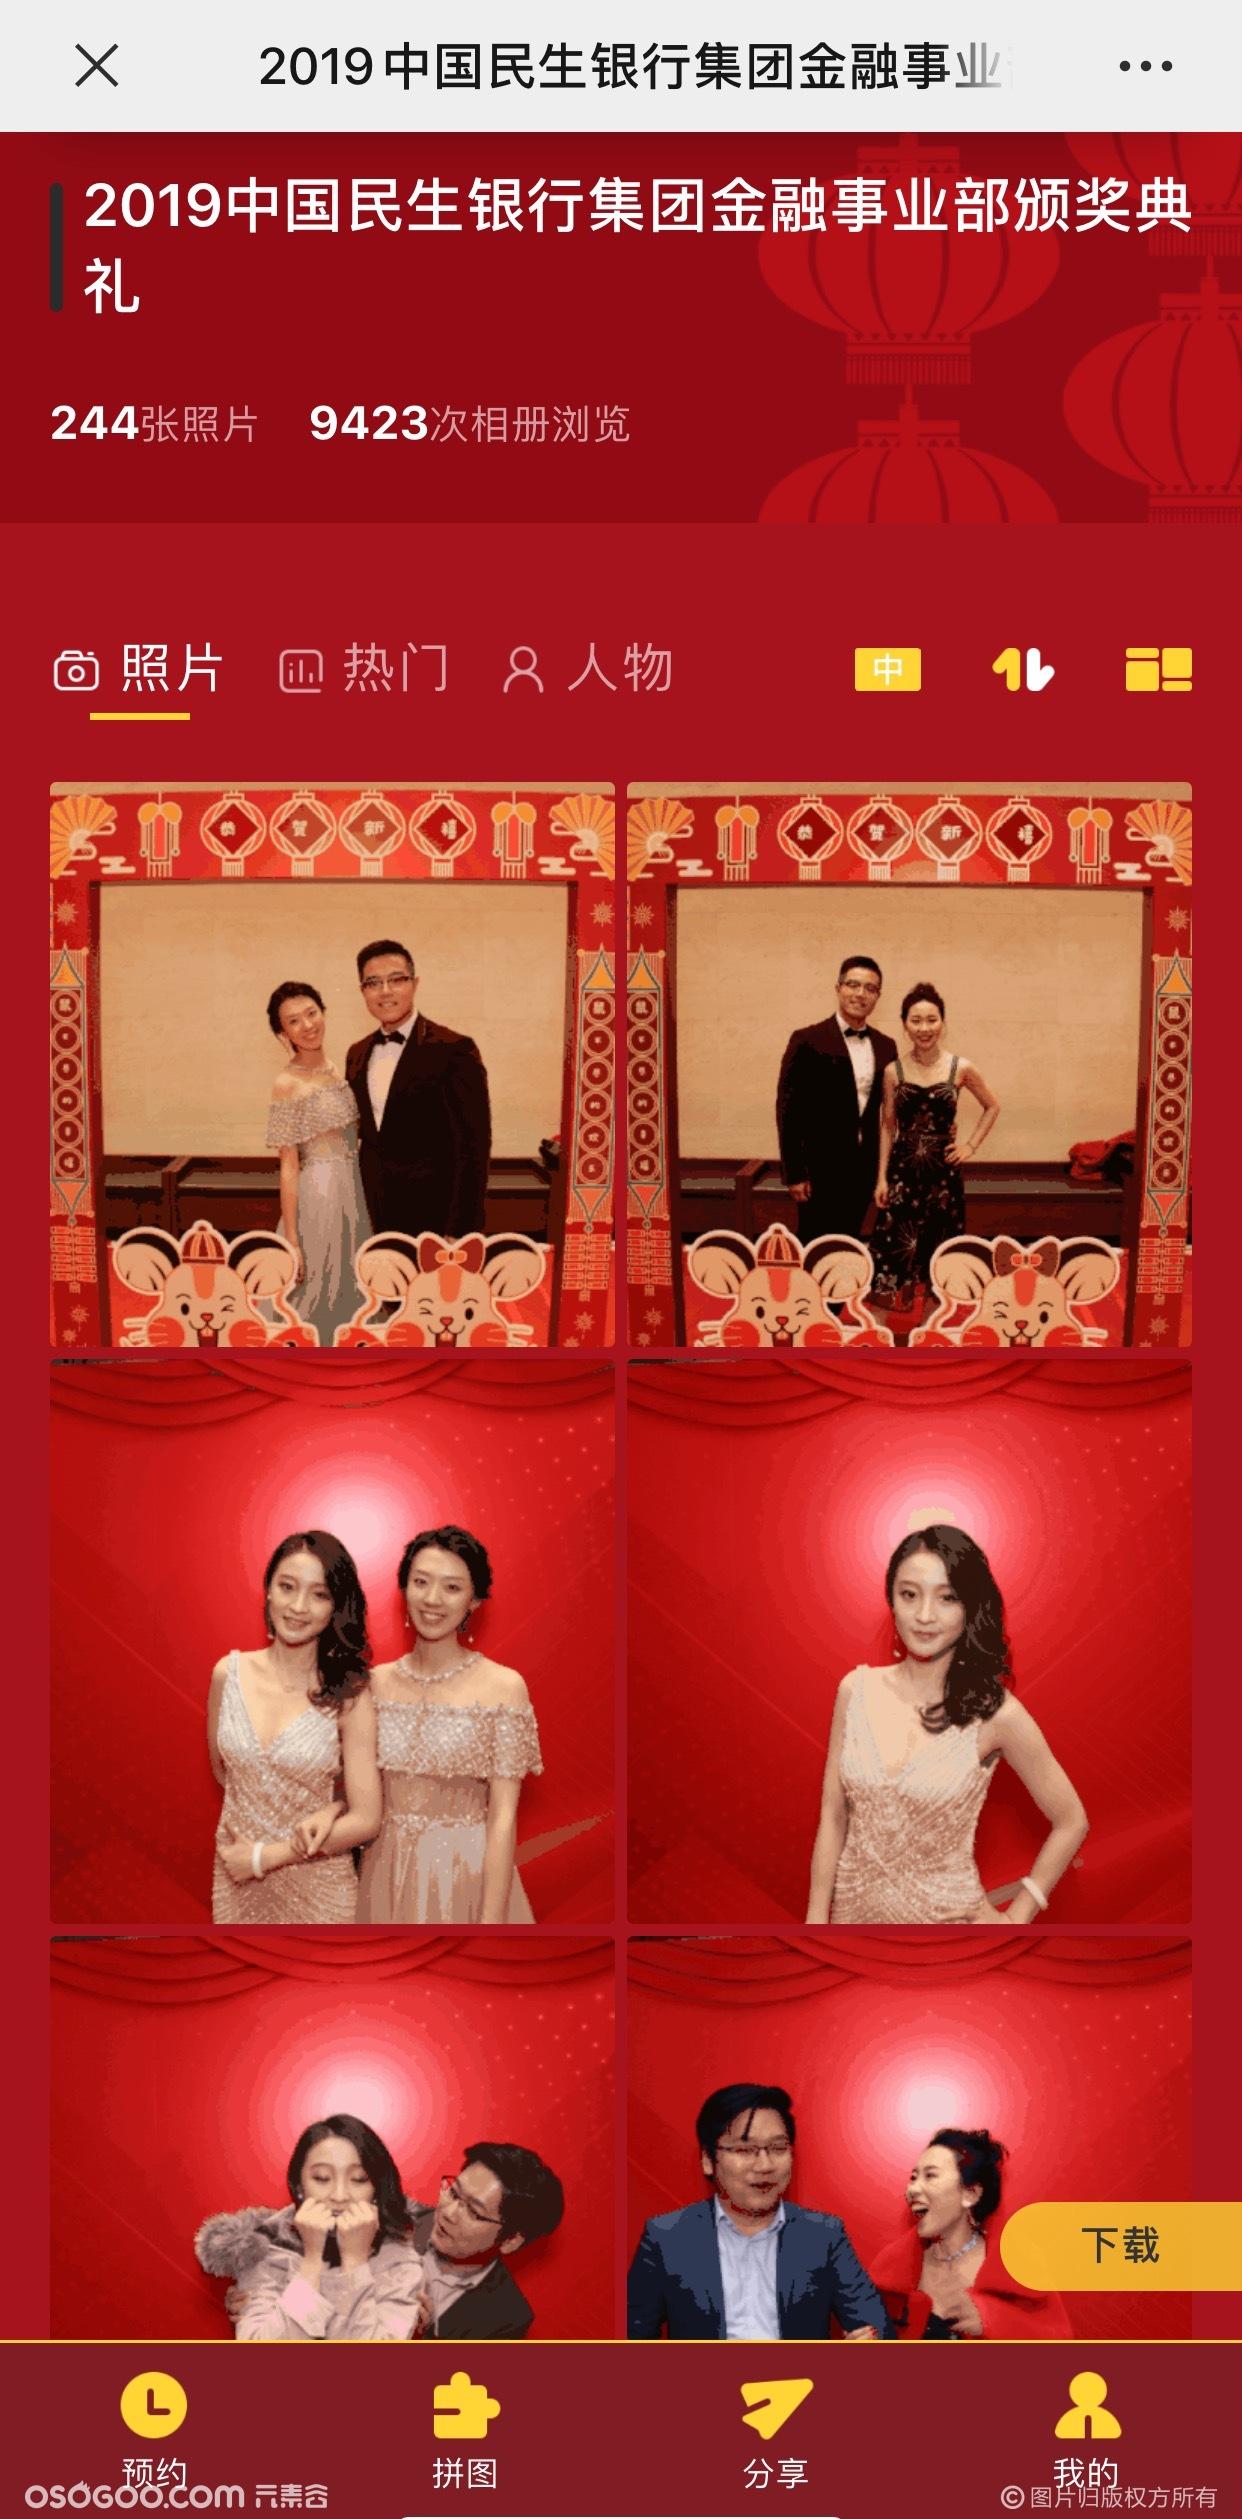 2019中国民生银行集团金融事业部颁奖典礼